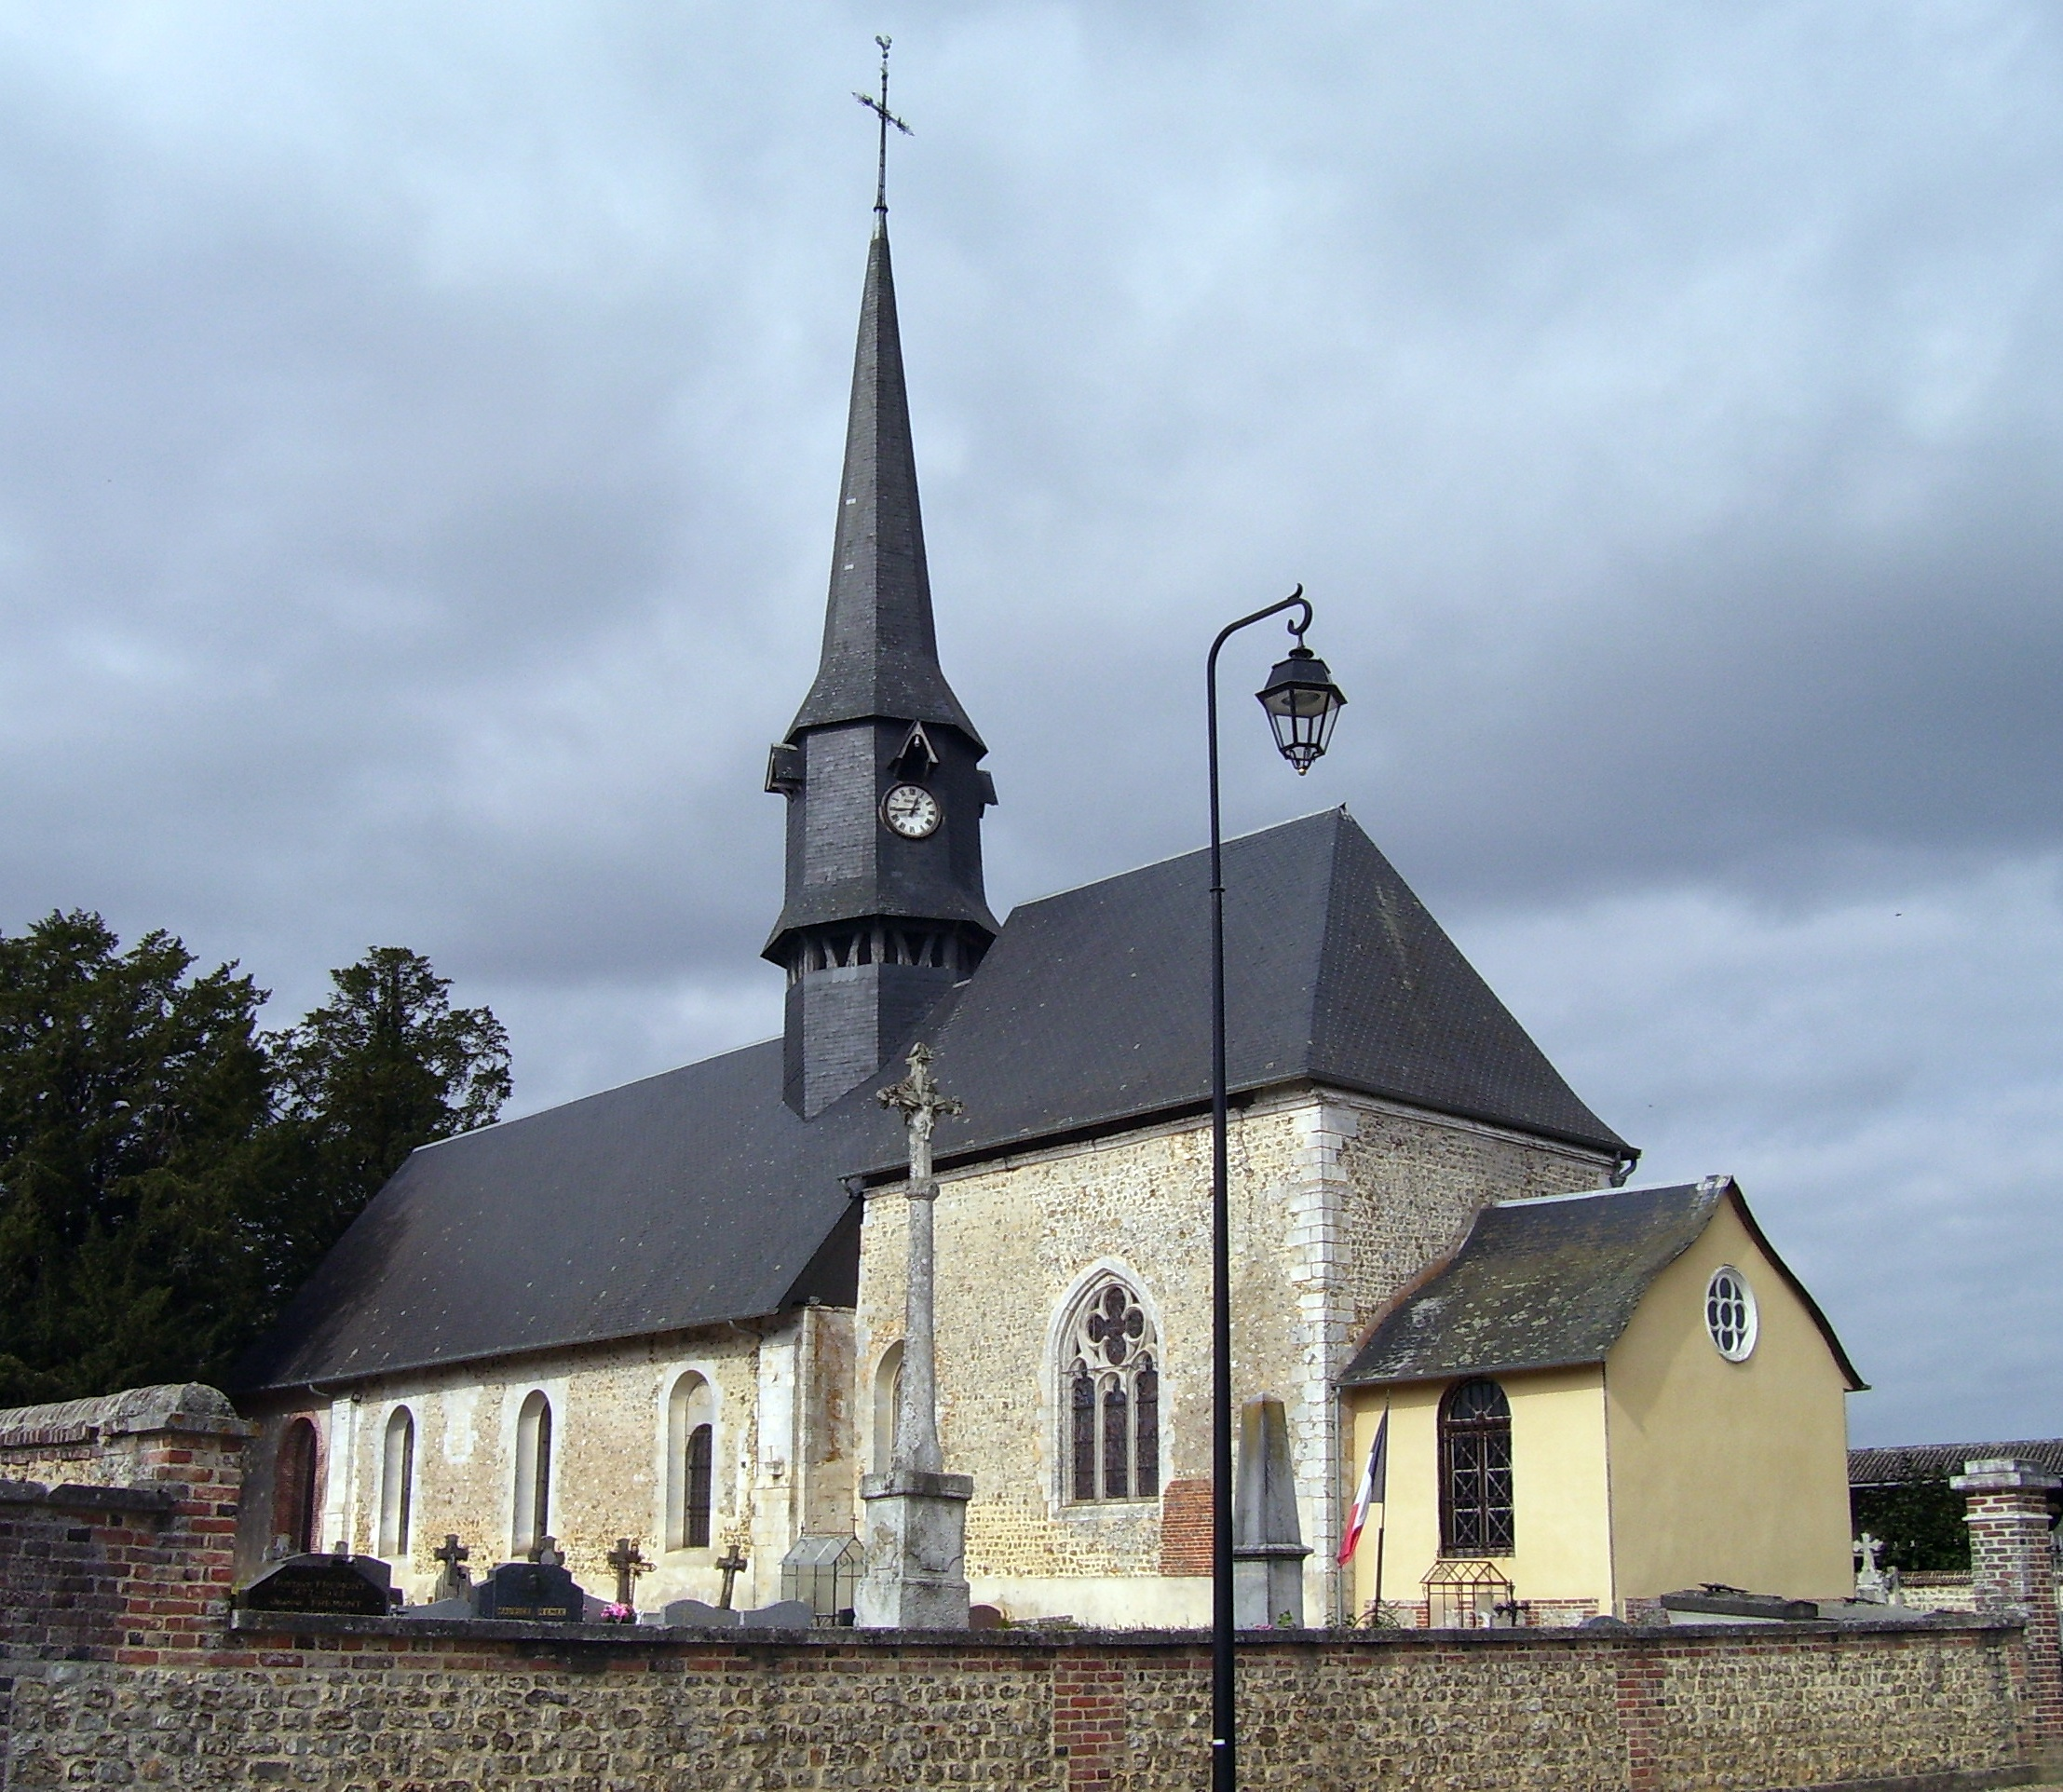 die Kirche Saint-Victor, eigenes Foto (auf commons), Lizenz:public domain/gemeinfrei